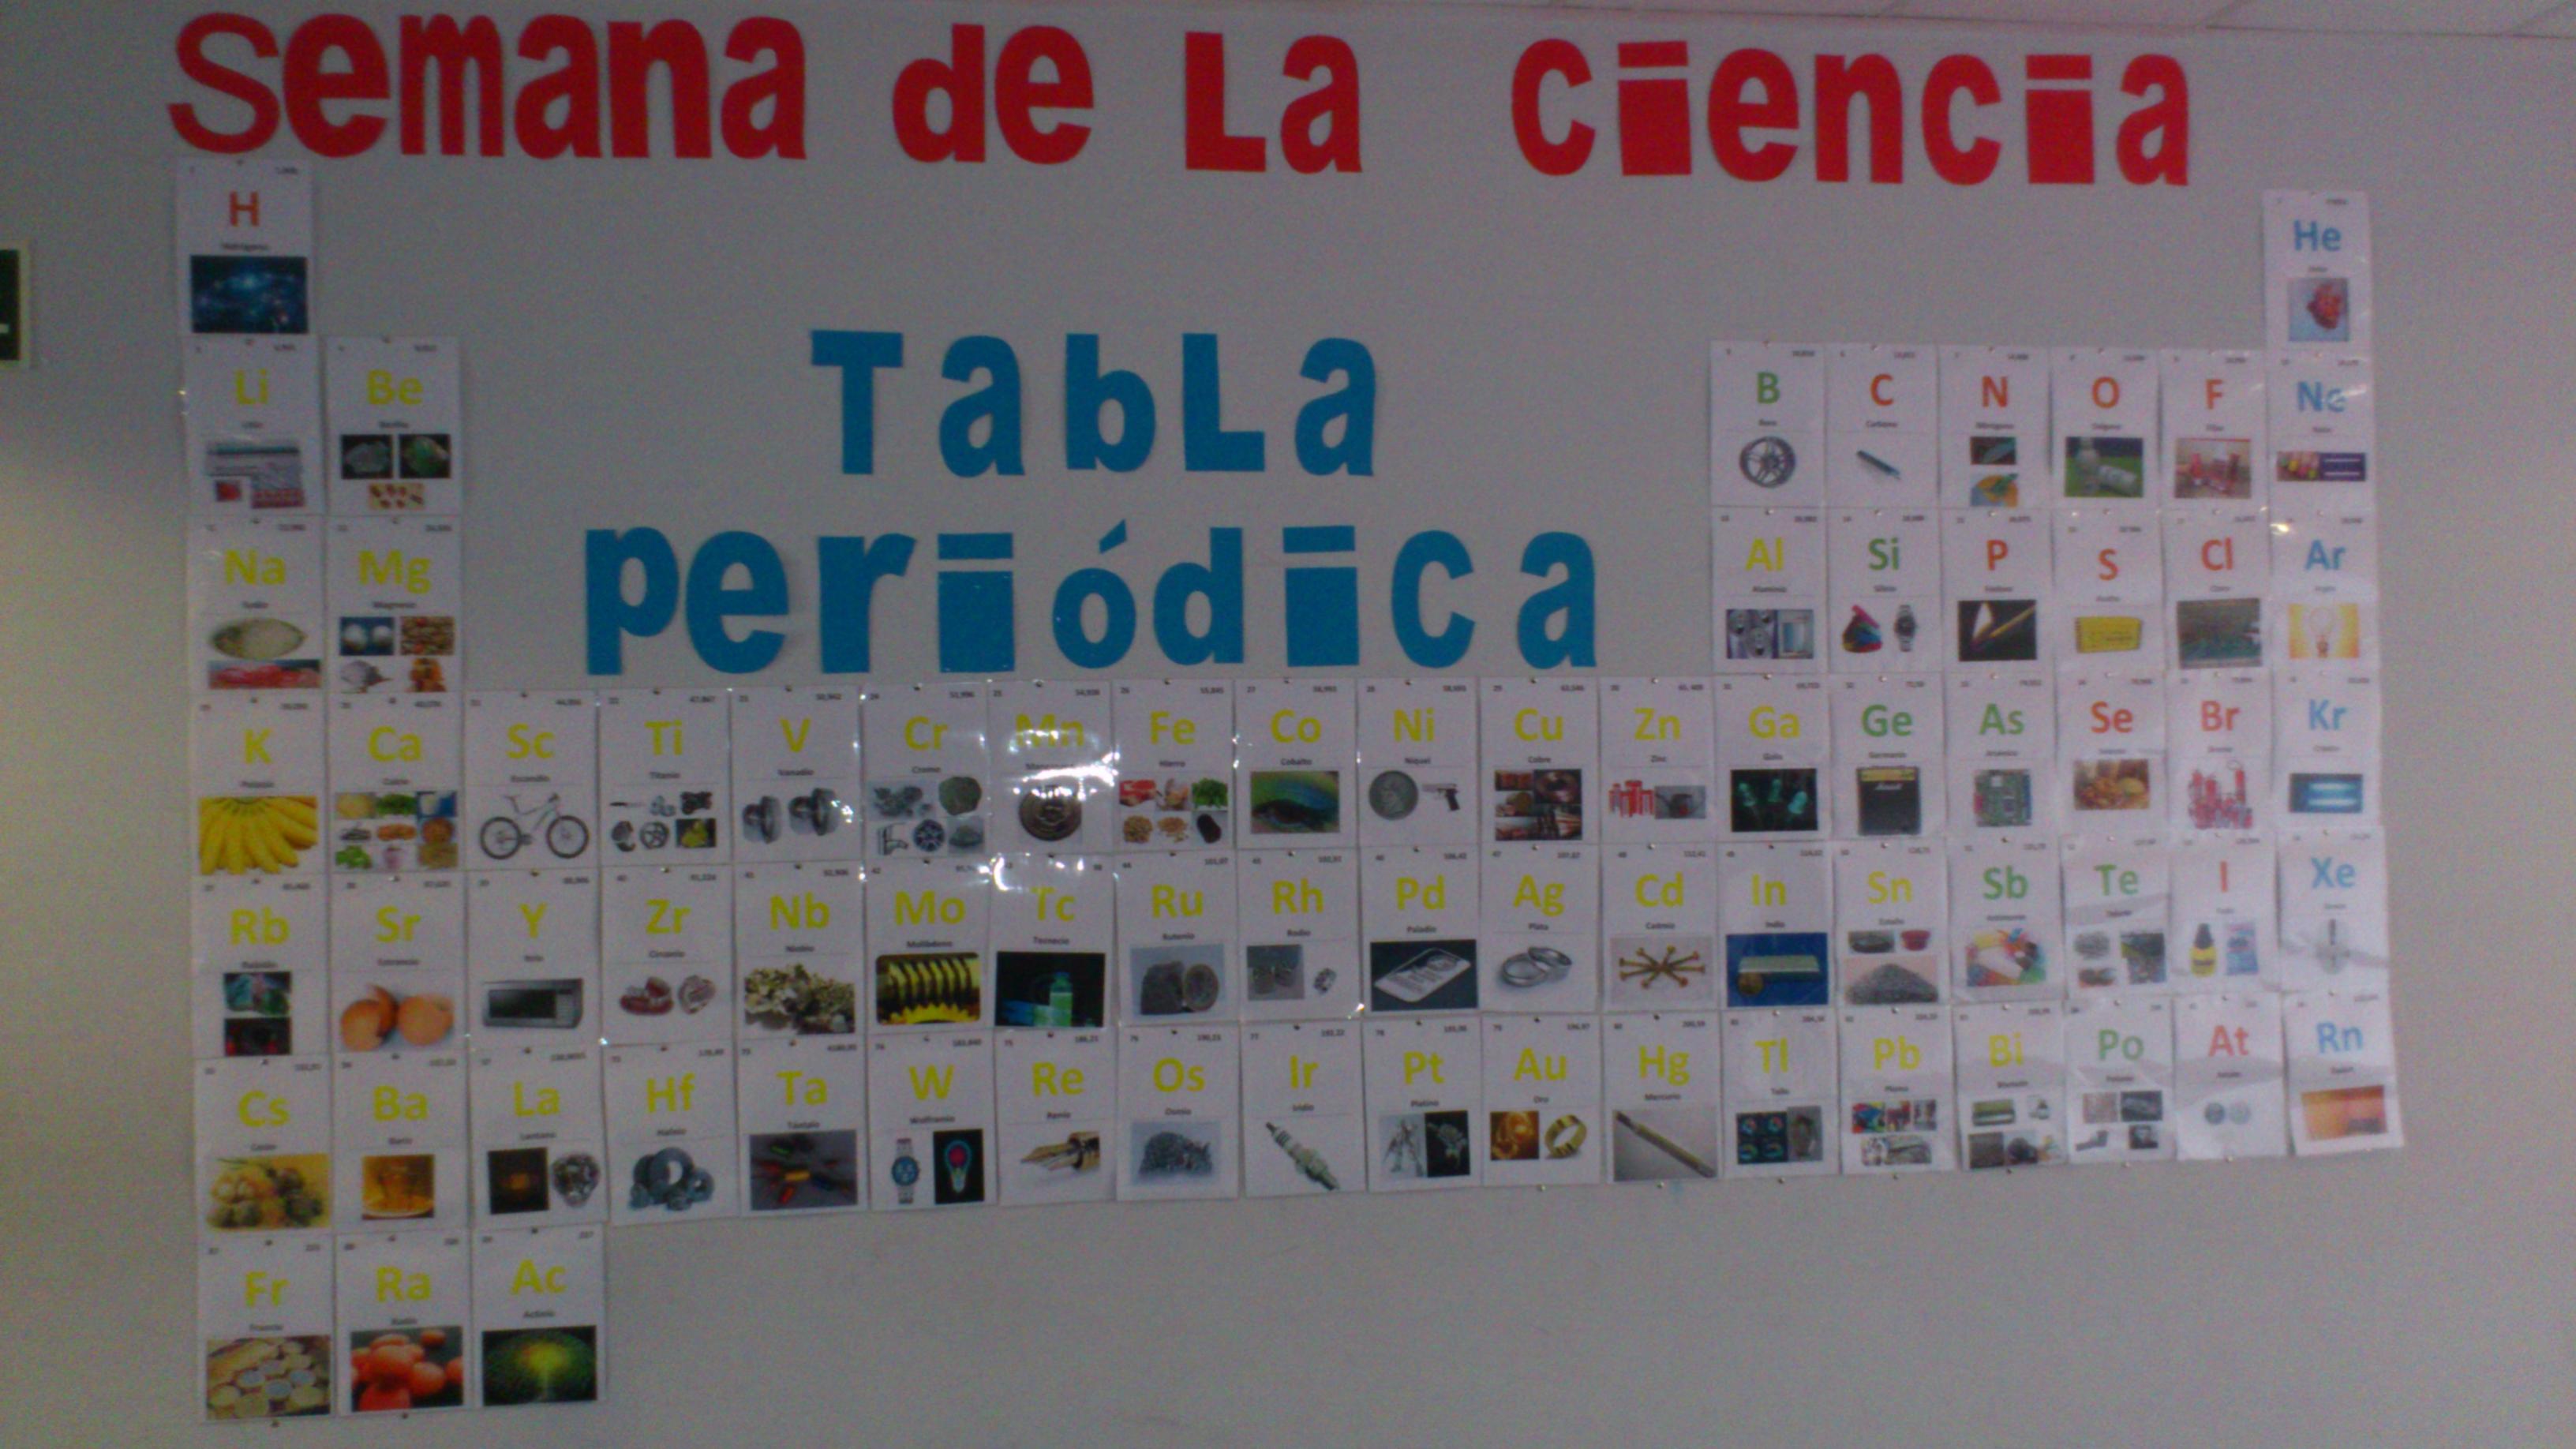 tabla peridica de los elementos - Tabla Periodica En Material Reciclable